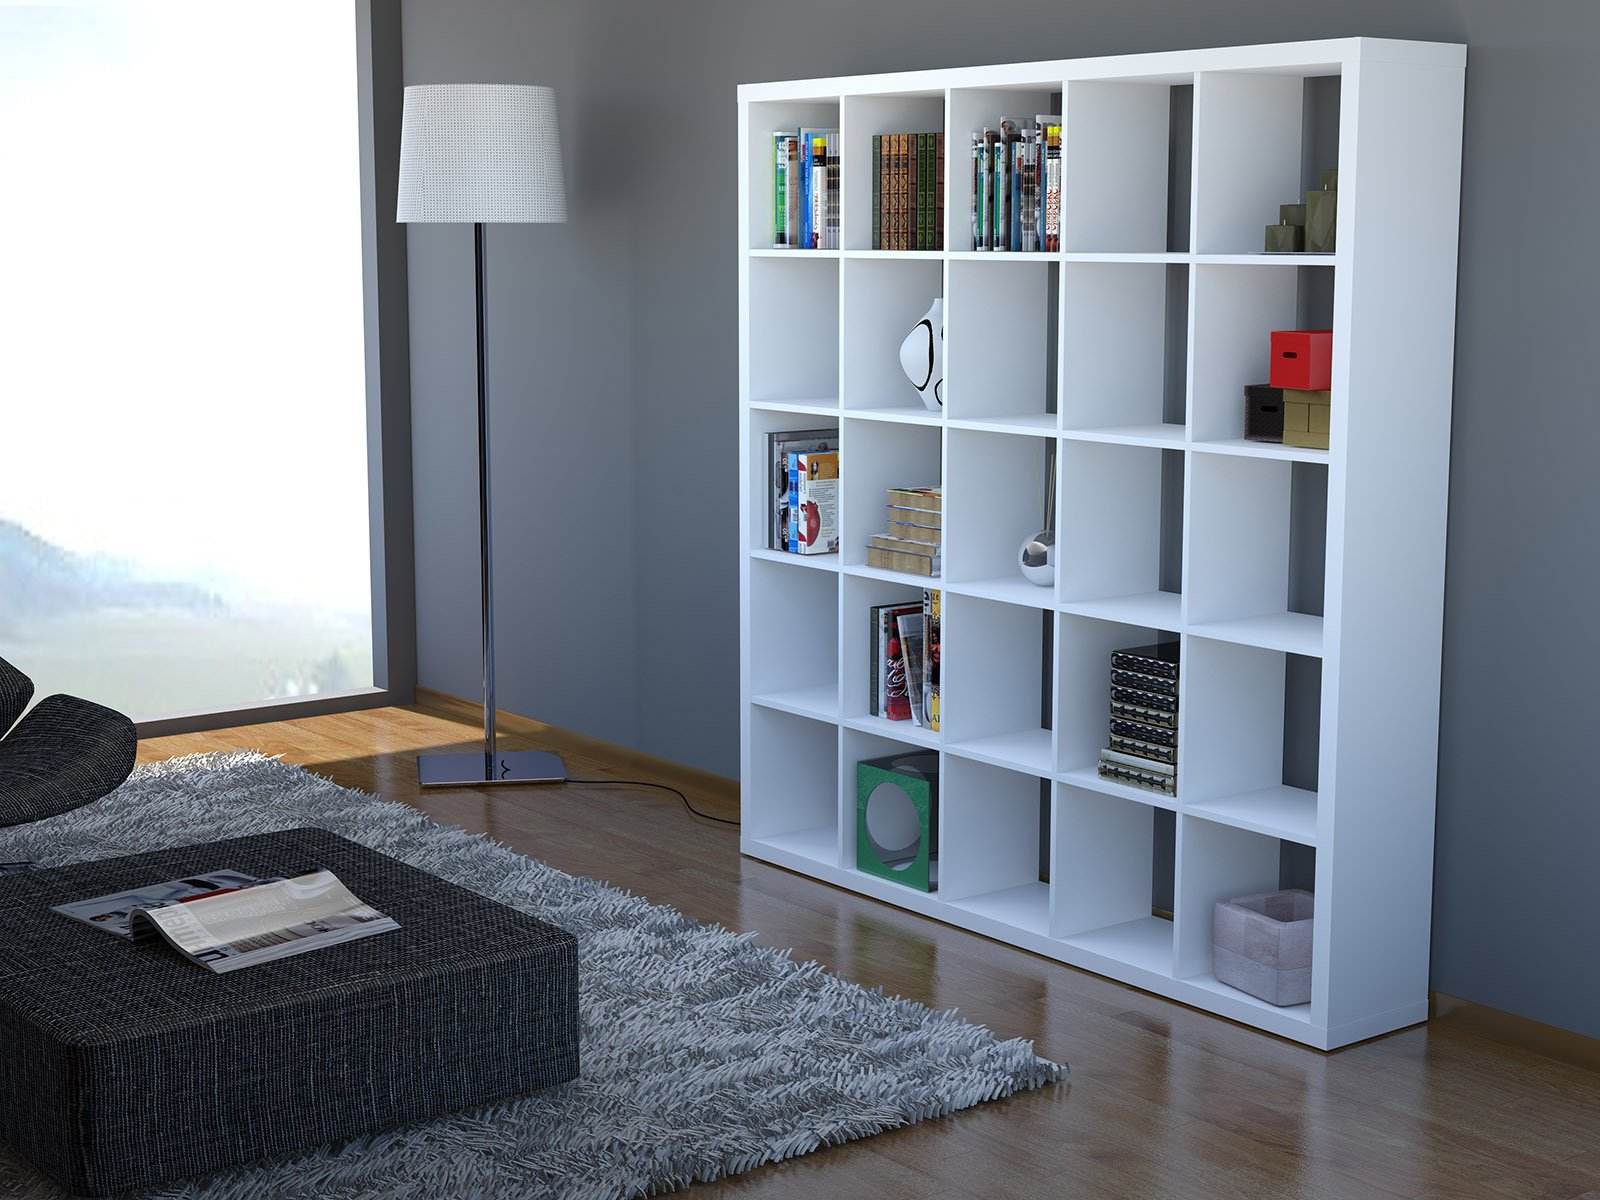 Librerie Componibili Mercatone Uno - Home Design E Interior Ideas ...